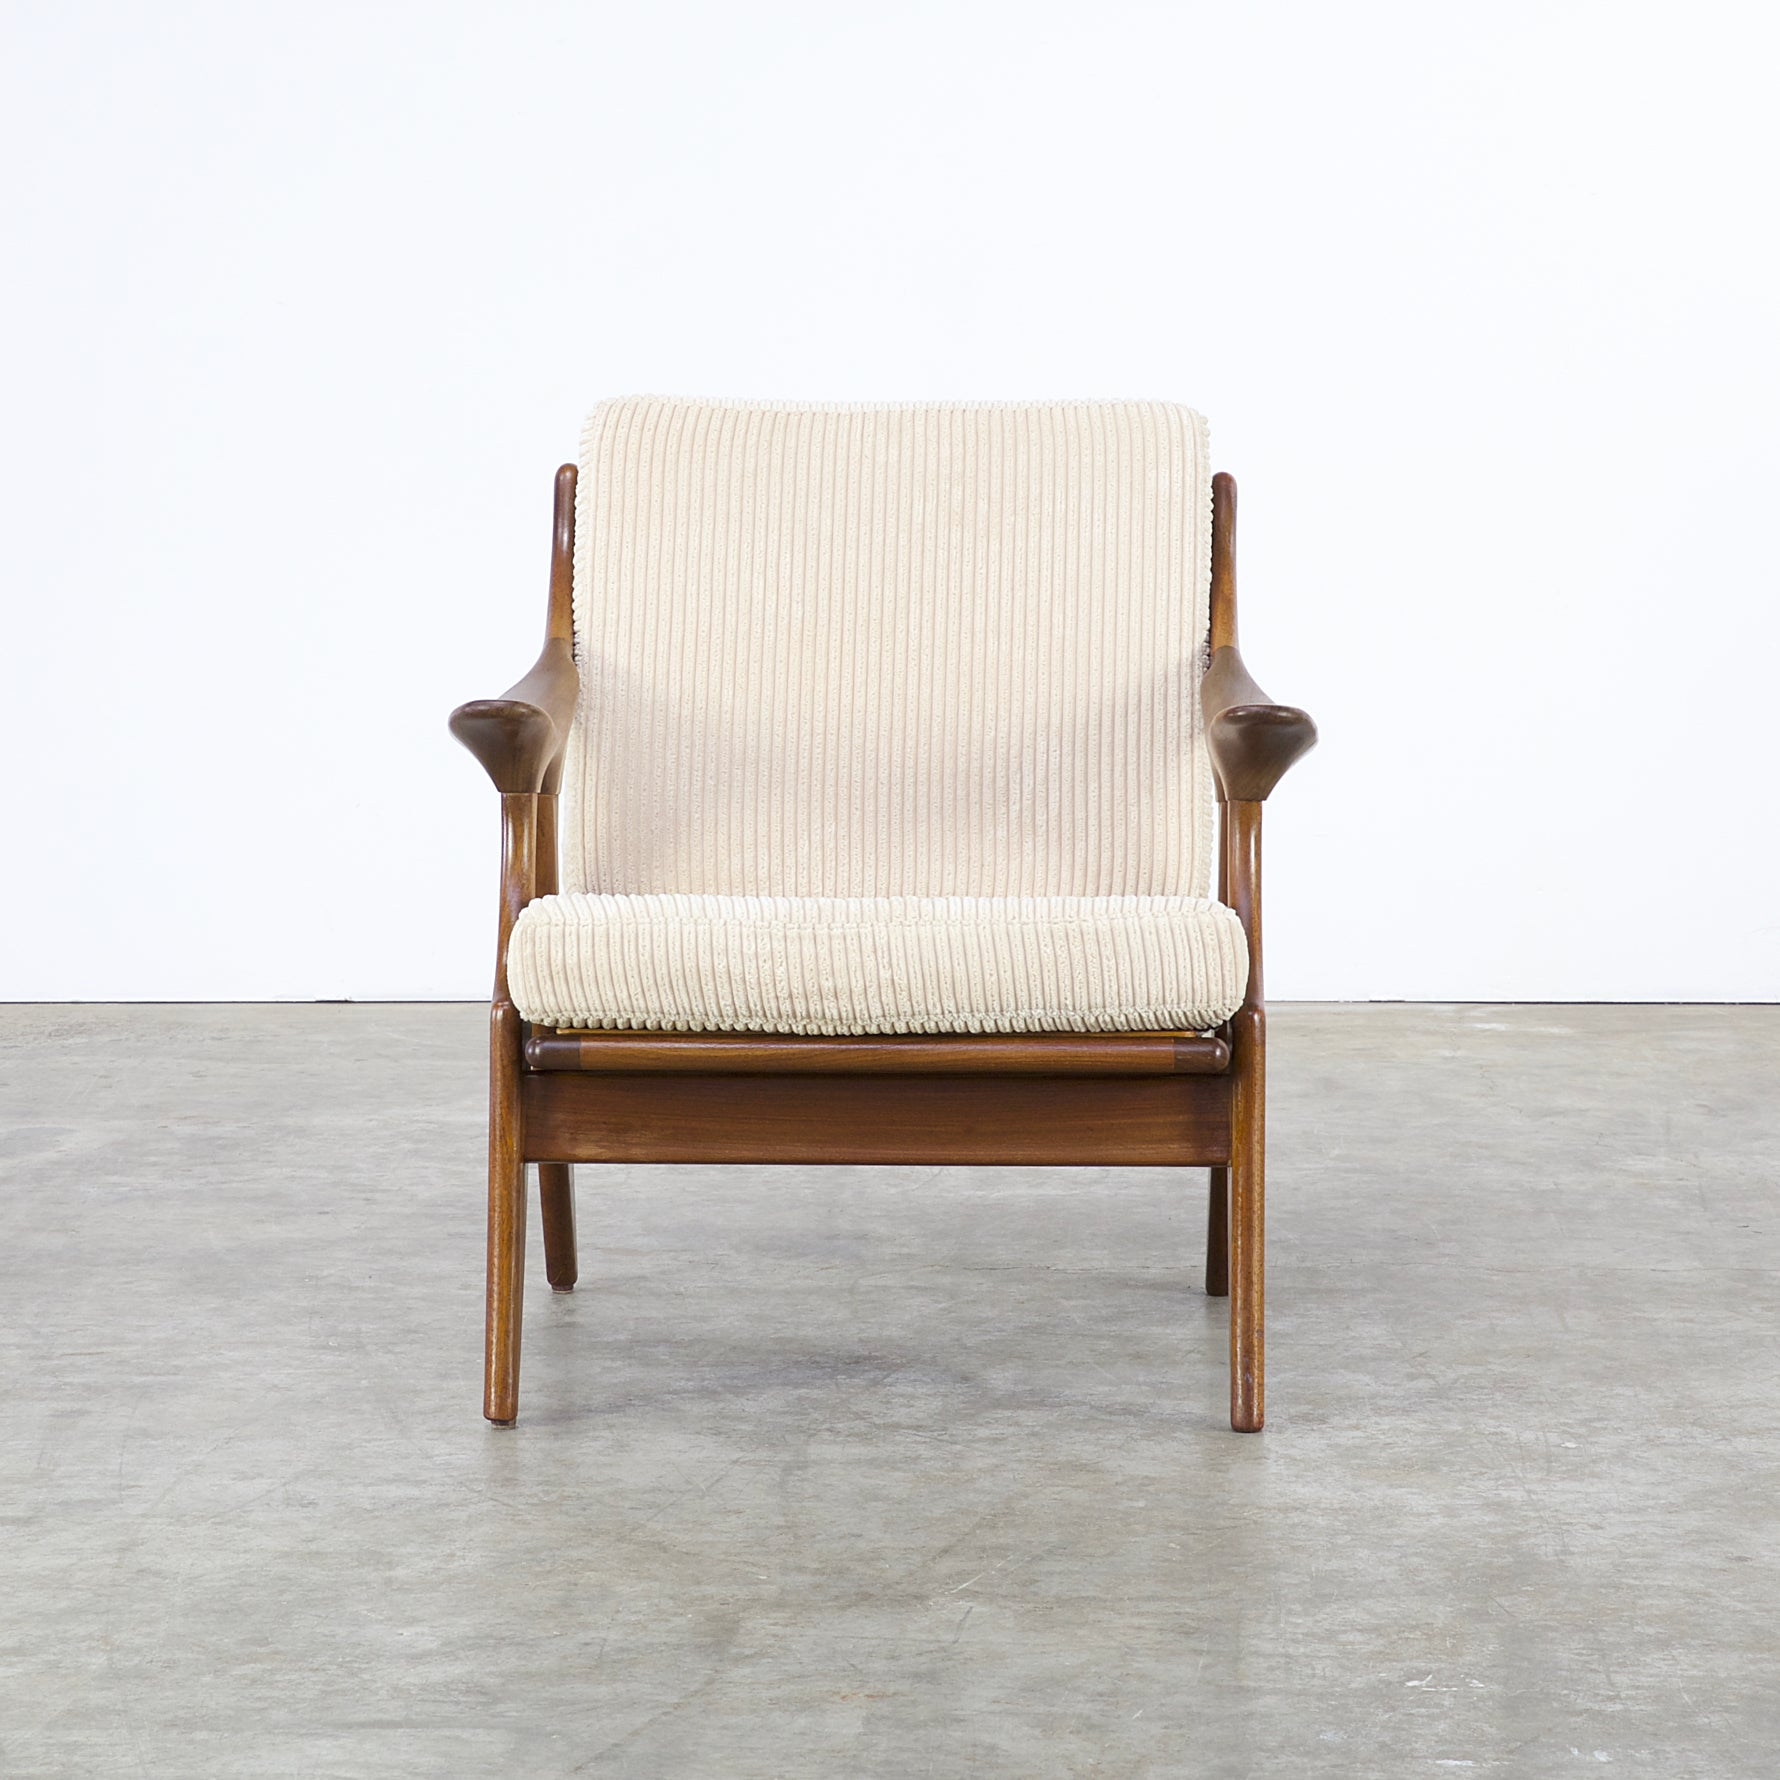 Fauteuil Retro Design.1960s Fauteuil Voor De Ster Gelderland